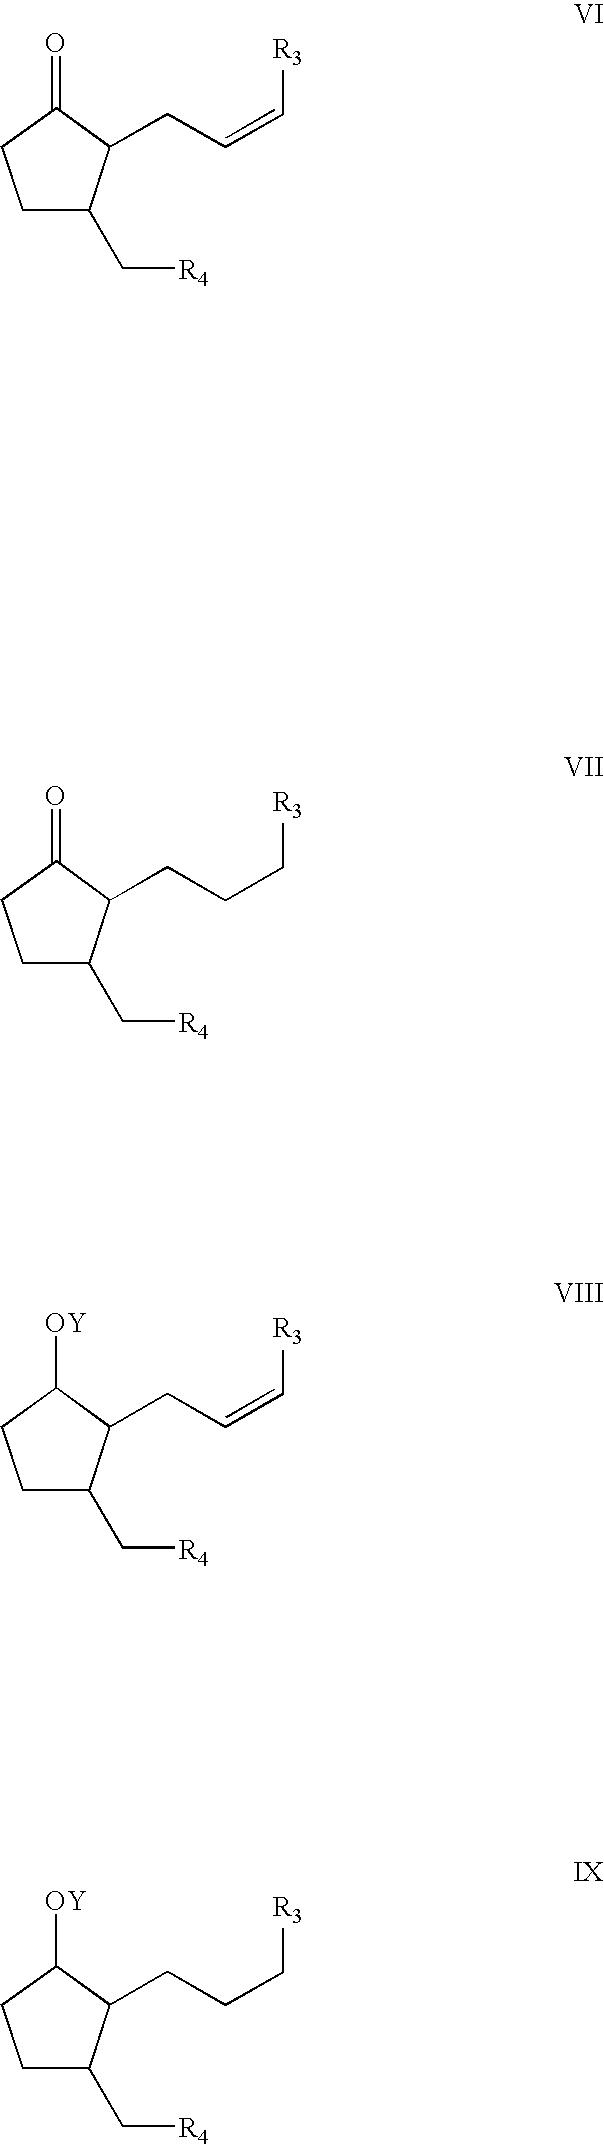 Figure US20040116356A1-20040617-C00015